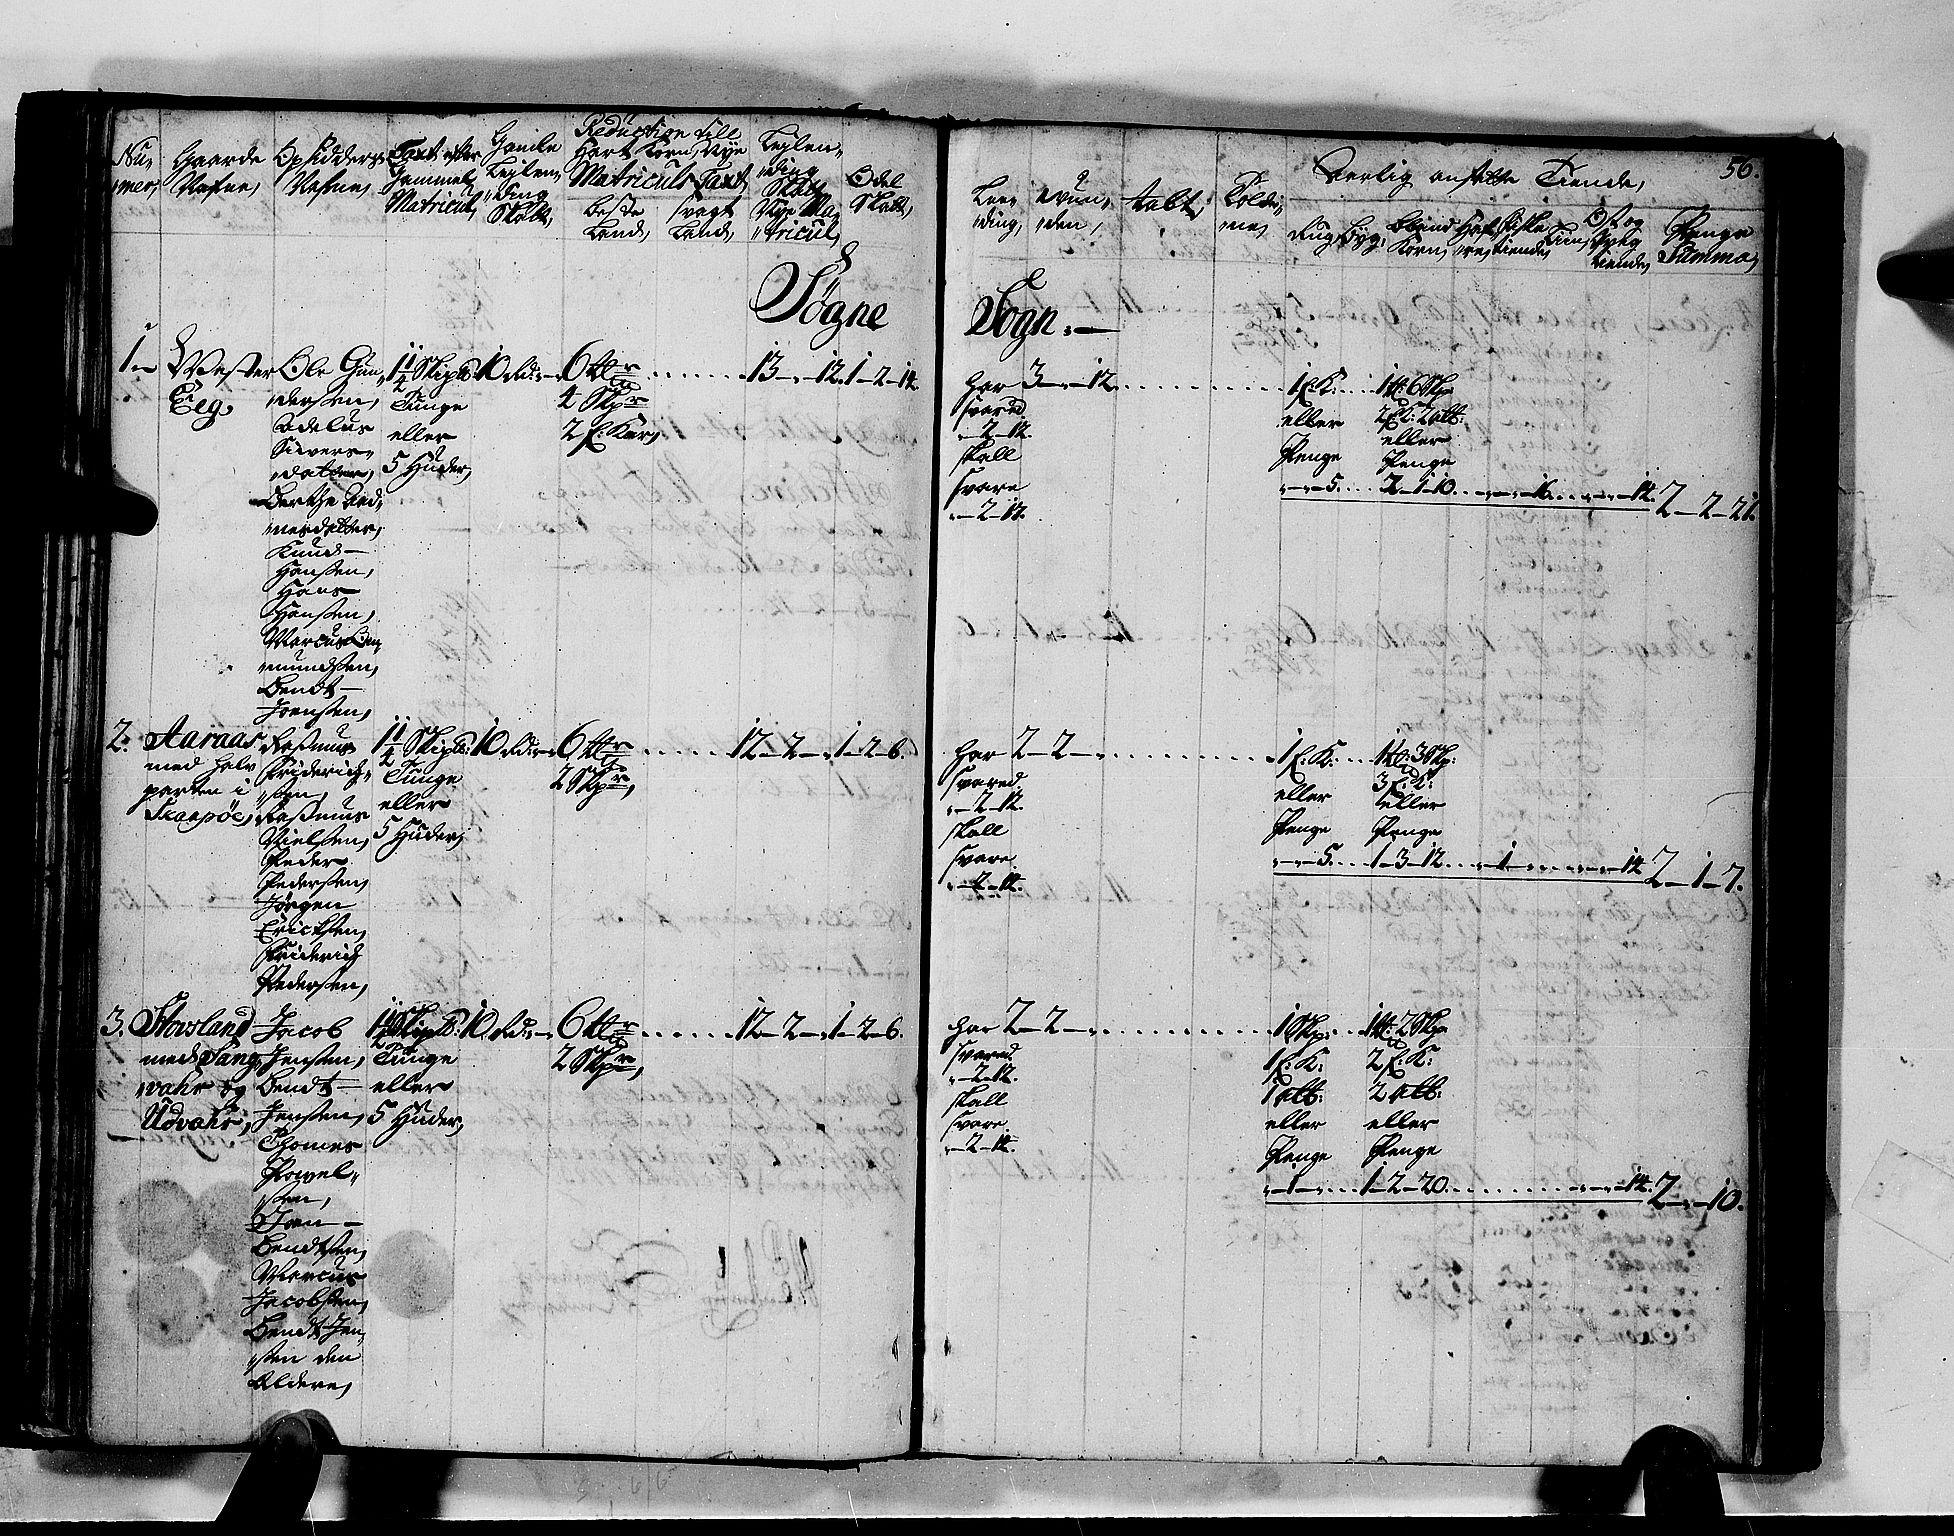 RA, Rentekammeret inntil 1814, Realistisk ordnet avdeling, N/Nb/Nbf/L0128: Mandal matrikkelprotokoll, 1723, s. 55b-56a